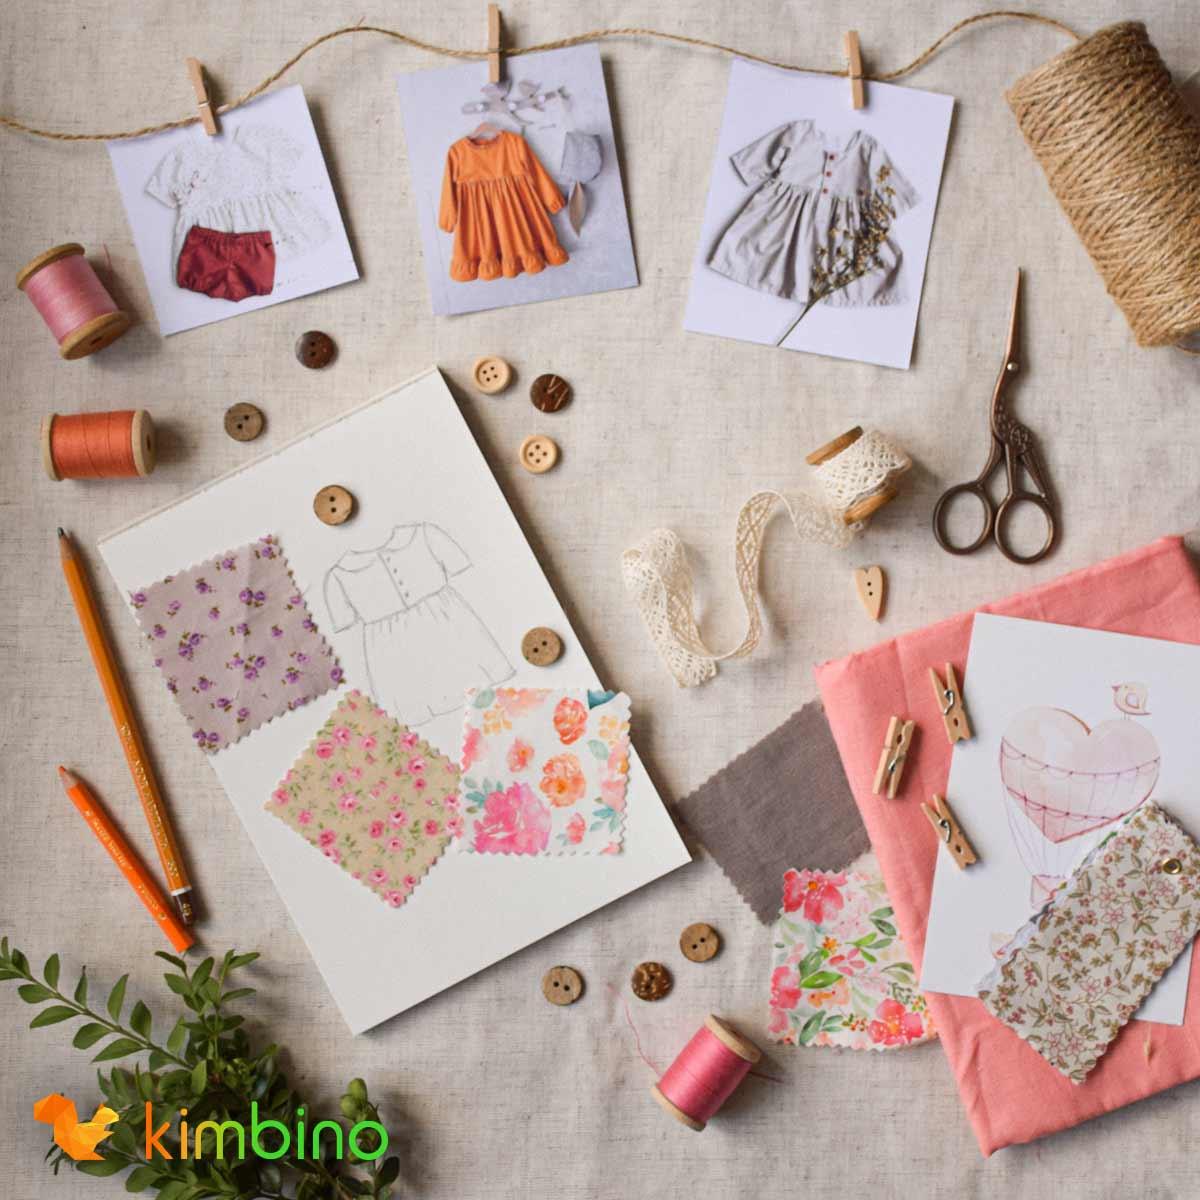 kreativita kimbino